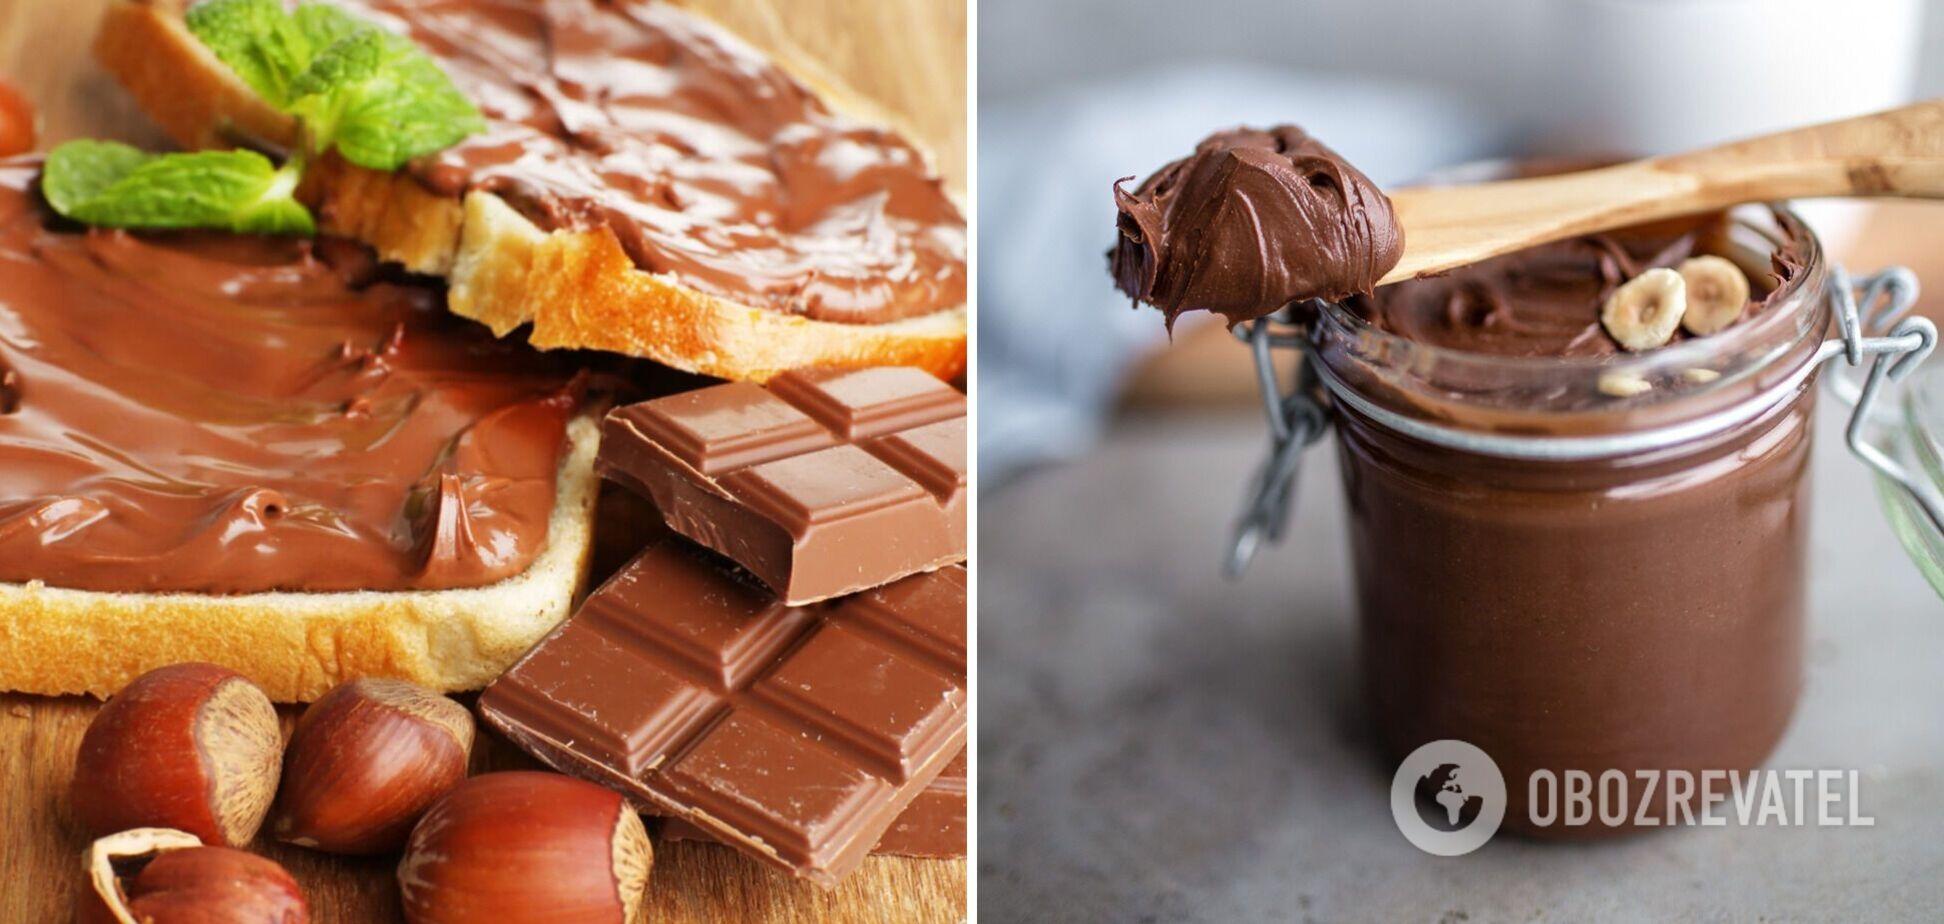 Ідеальна нутелла вдома: рецепт шоколадної пасти